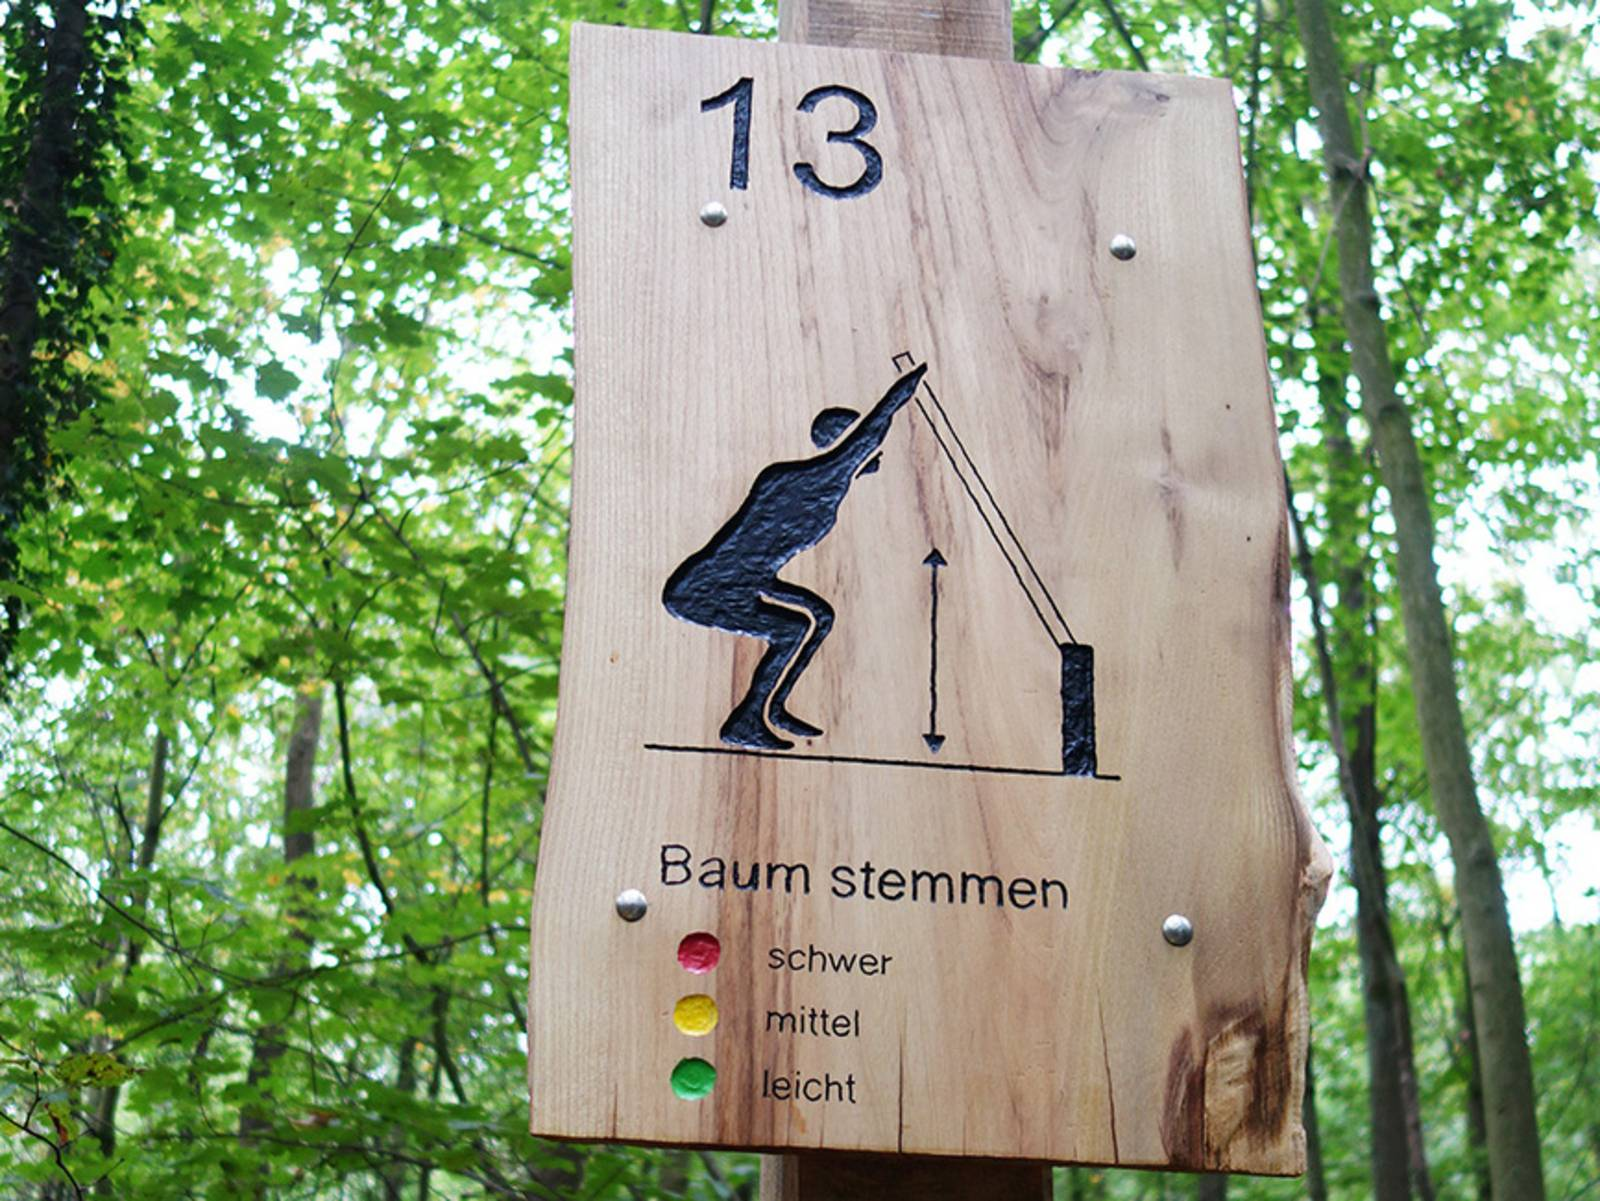 """Ein Holzschild an einem Baum. Darauf stehe eine 13 und """"Baum stemmen"""". Es ist Teil des Trimm-Dich-Pfades in der Eilenriede."""